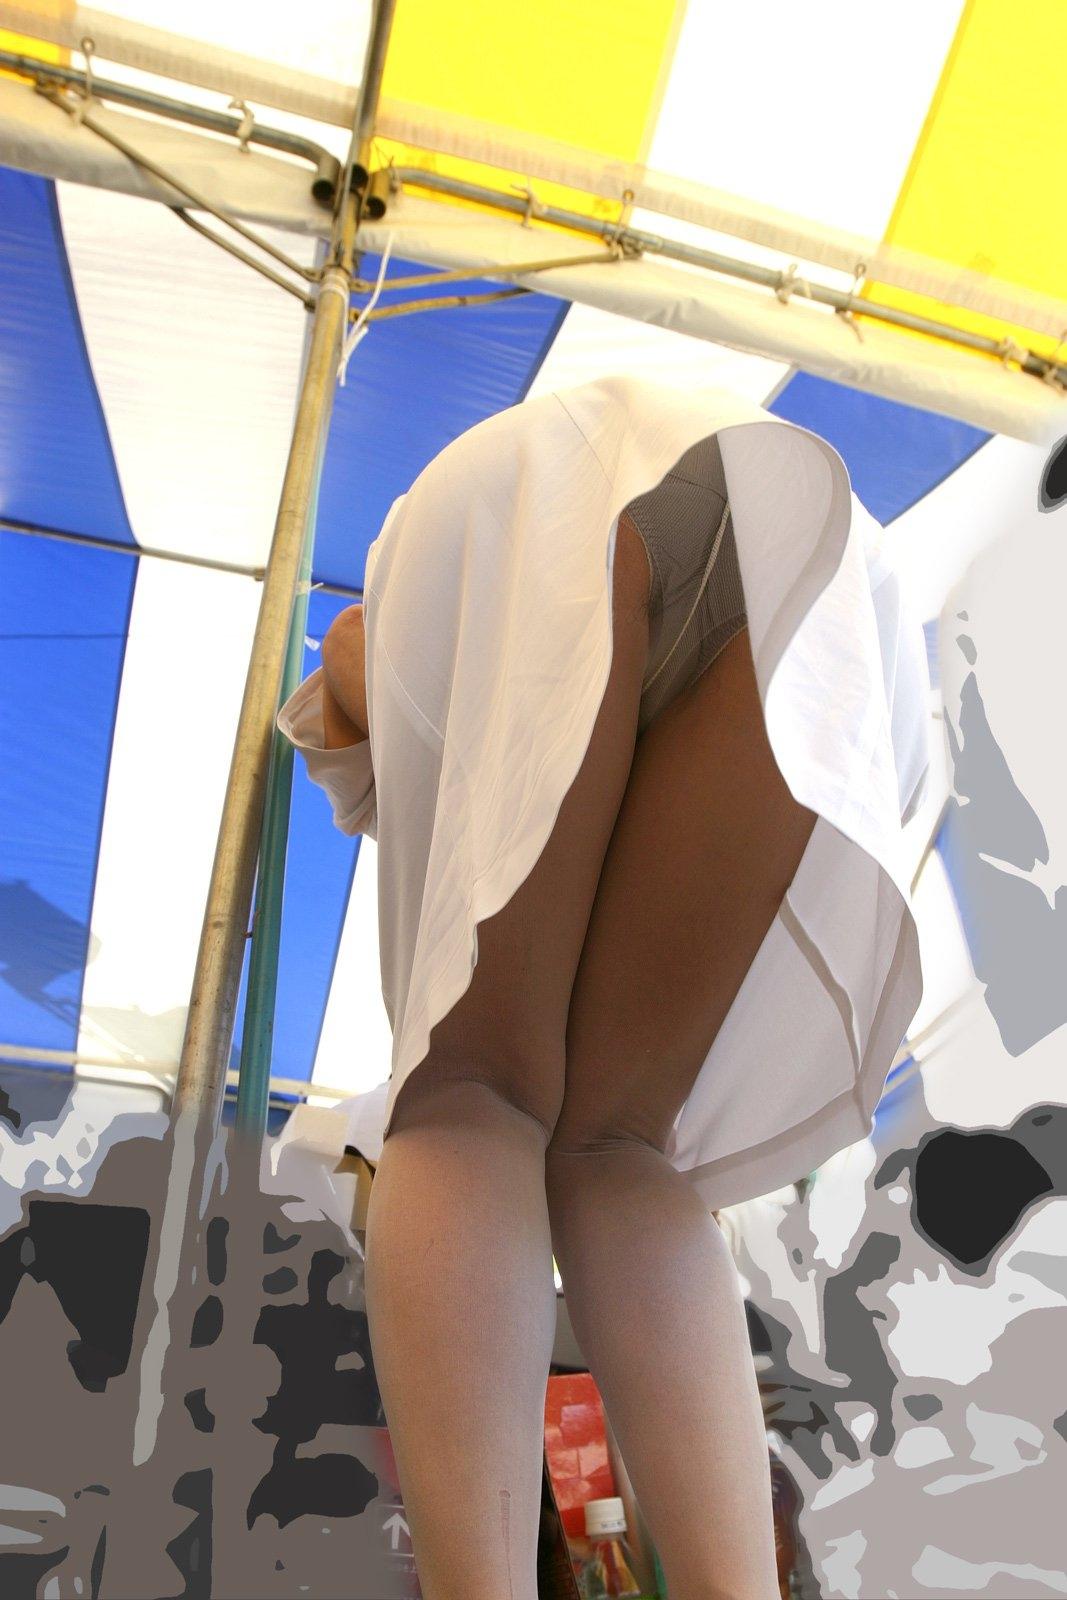 【パンチラエロ画像】わざとだったら遠慮なく見させて貰おうミニスカ前屈みパンチラwww 14